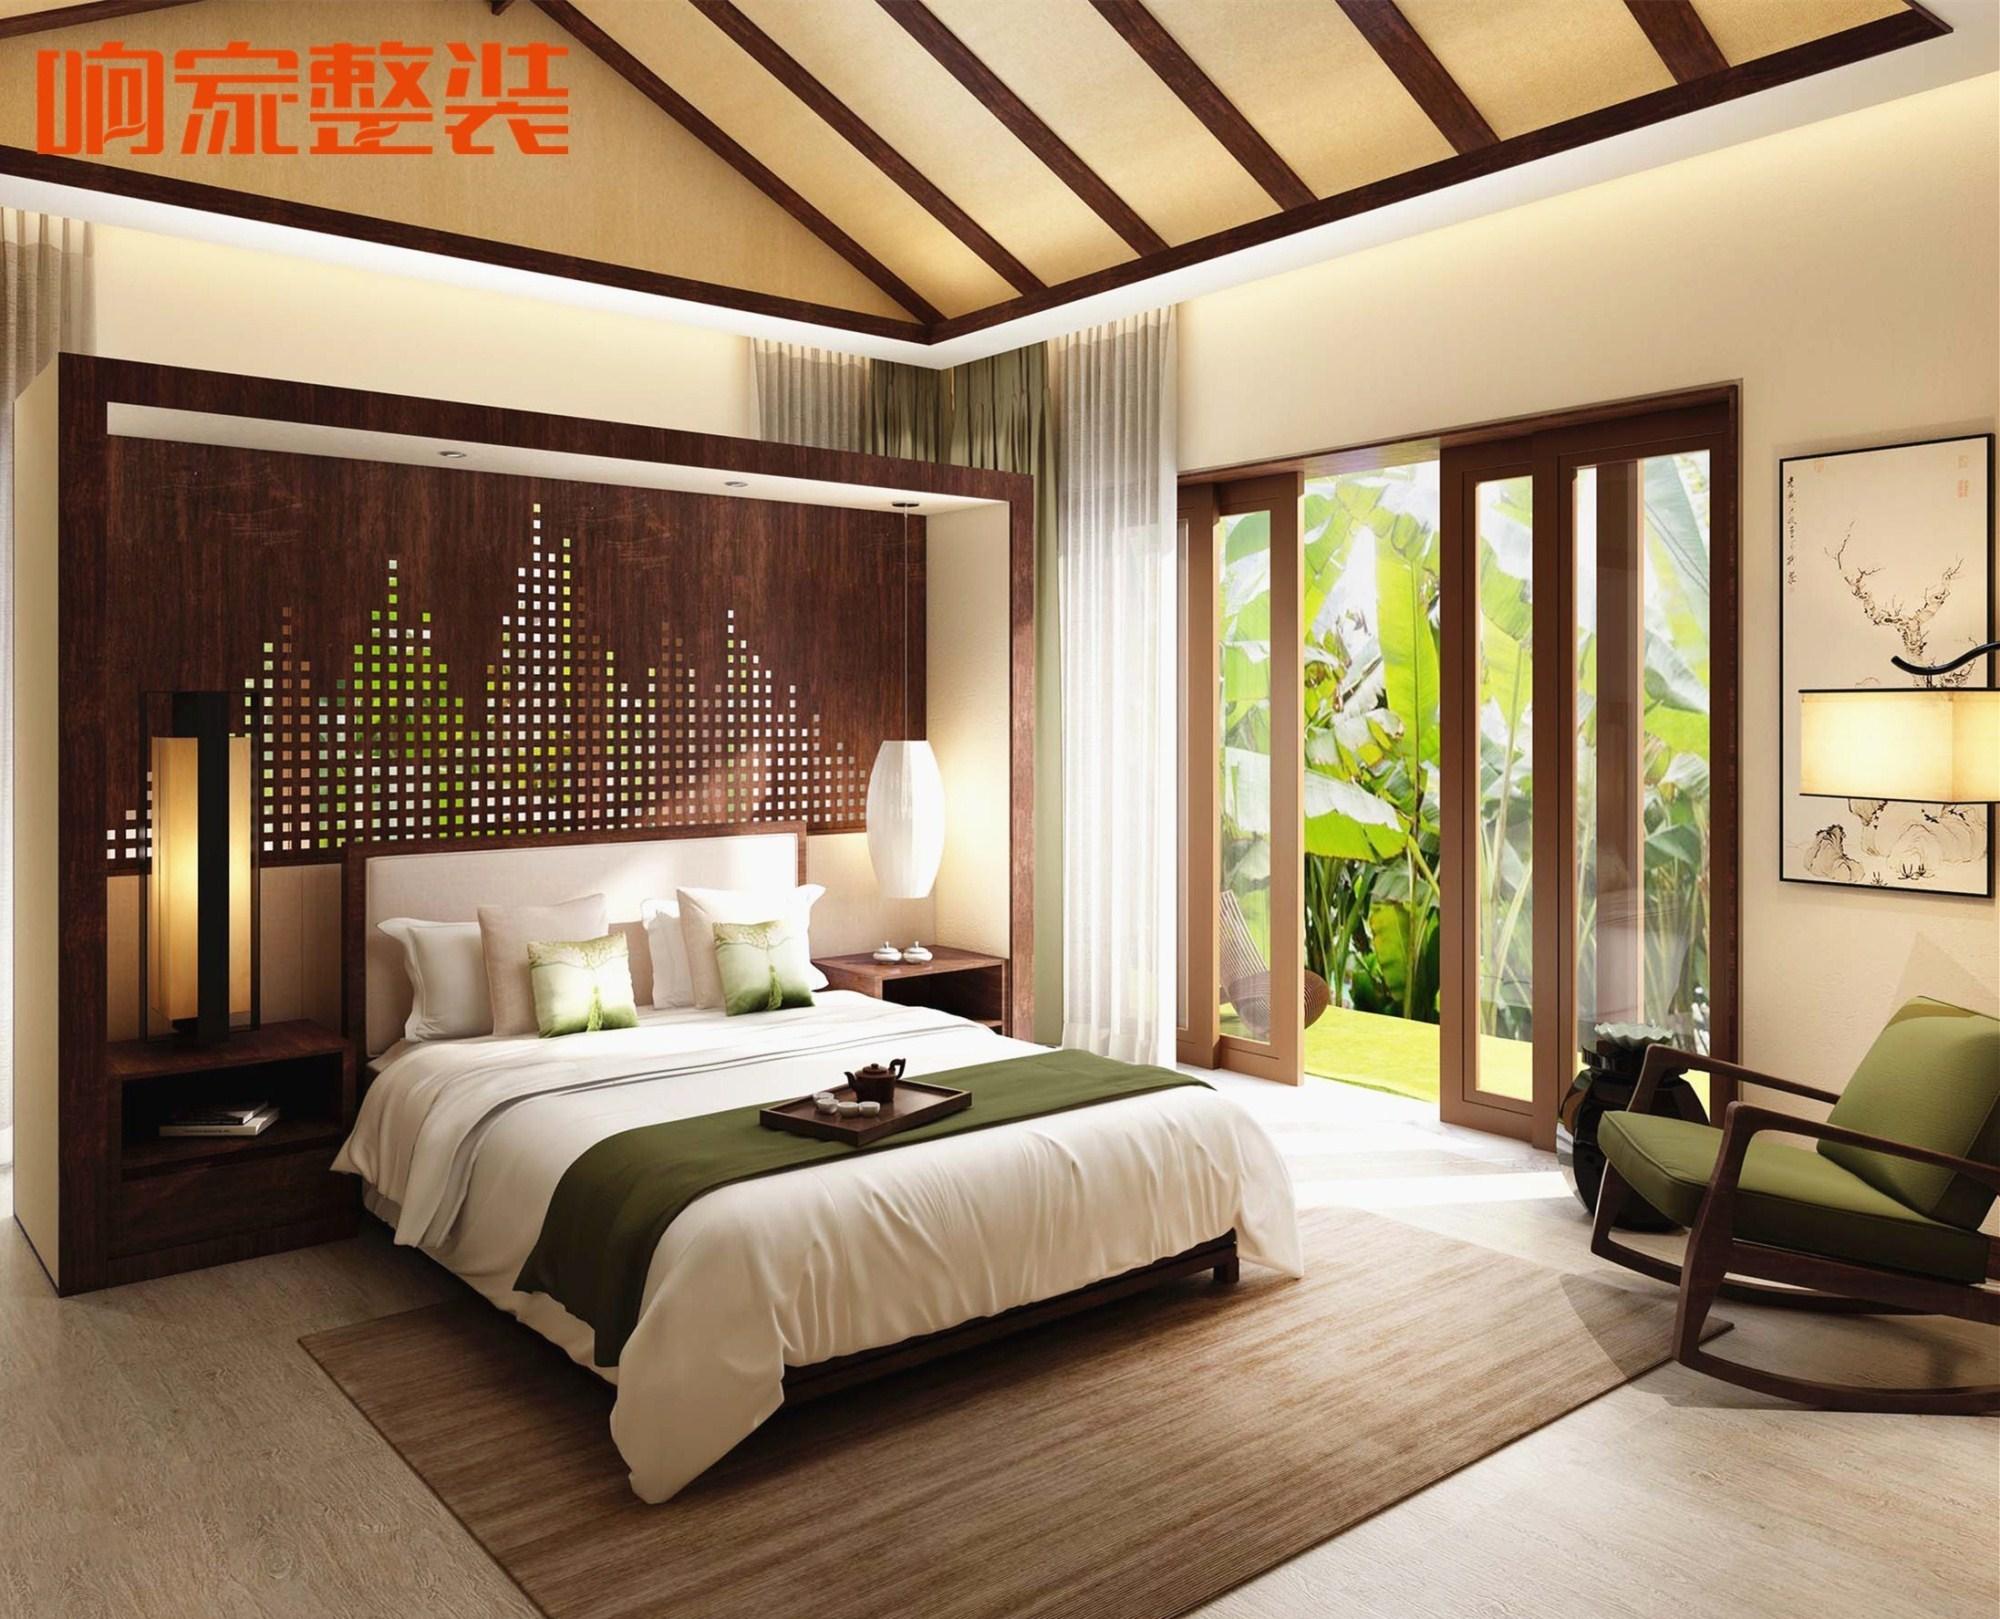 20款新中式风格卧室装修效果图,皇帝都没住过种卧室!图片